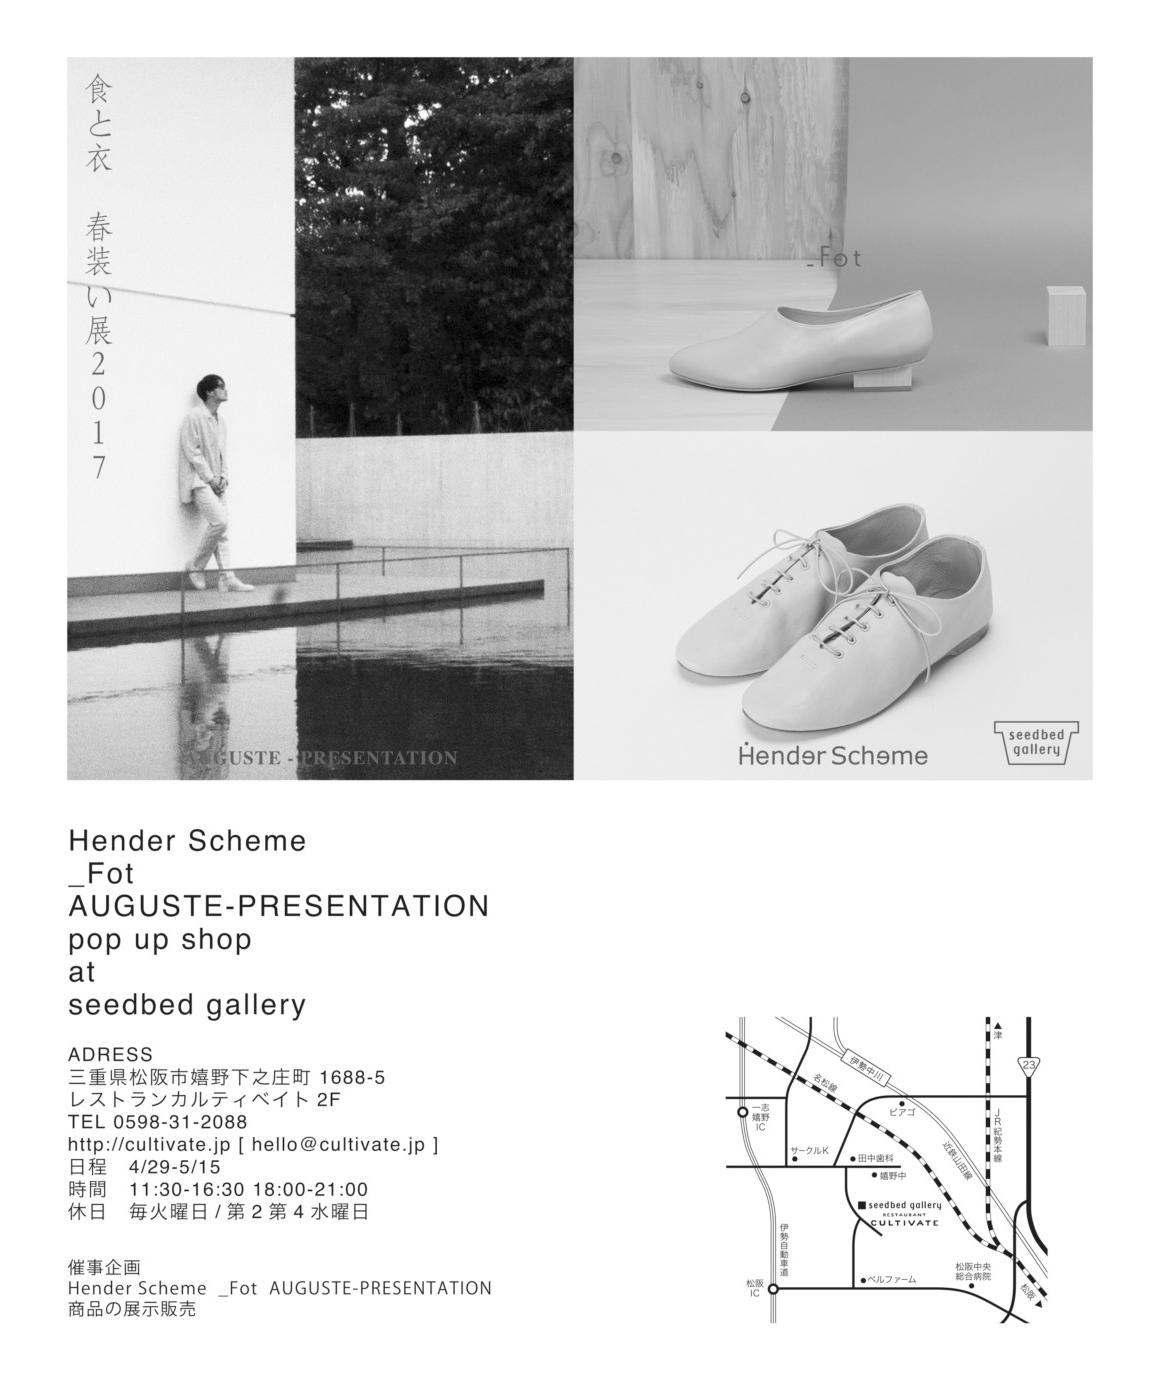 Hender Scheme  -Fot AUGUSTE-PRESENTATION /22017.4.29-5.15